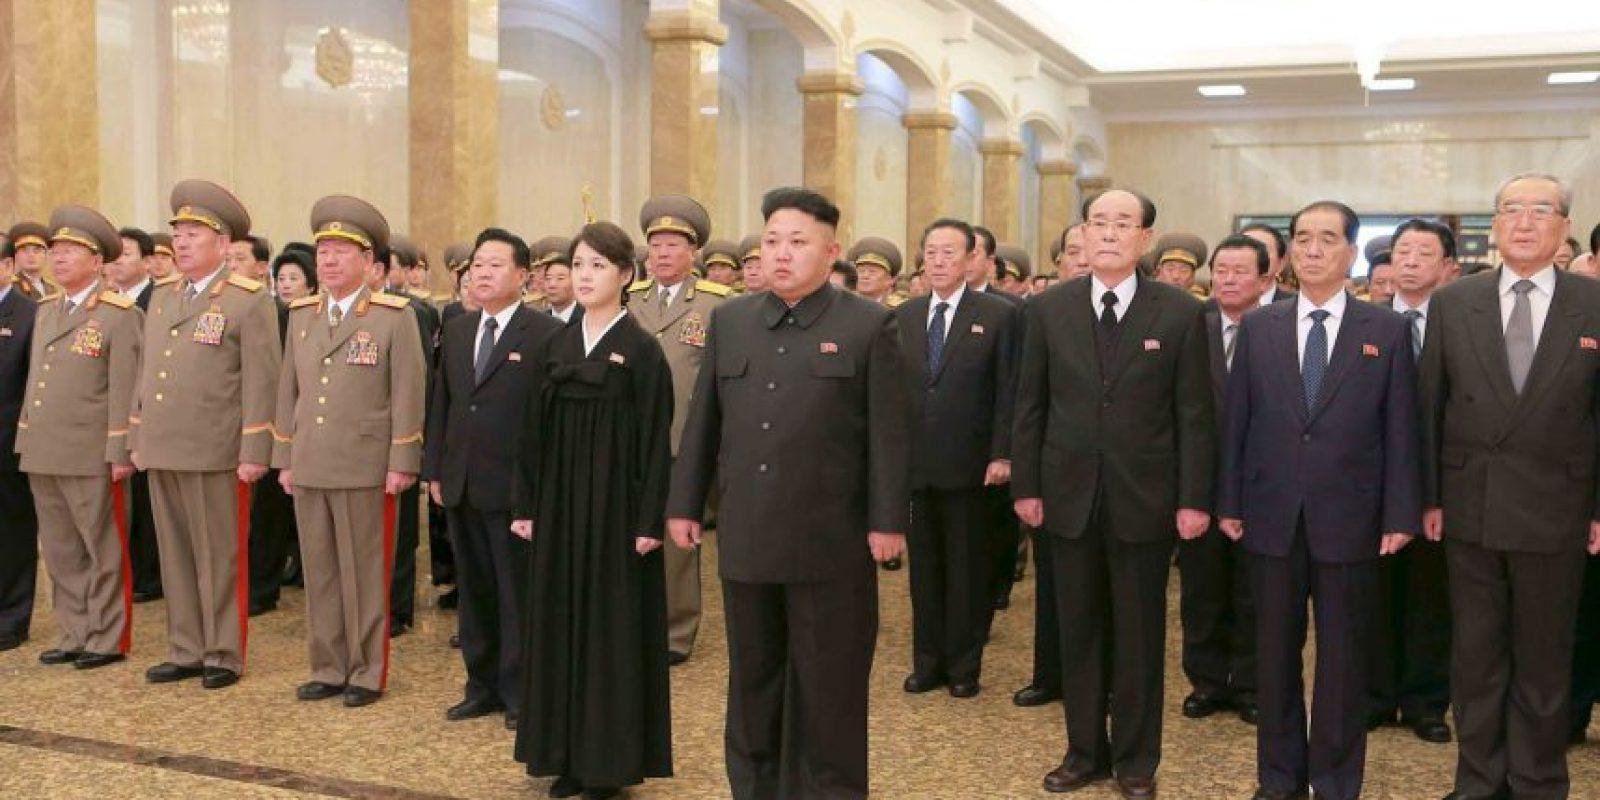 El 29 de abril pasado se dio a conocer que Jong-un habria asesinado a dos viceministros y 13 altos funcionarios de su régimen Foto:AFP